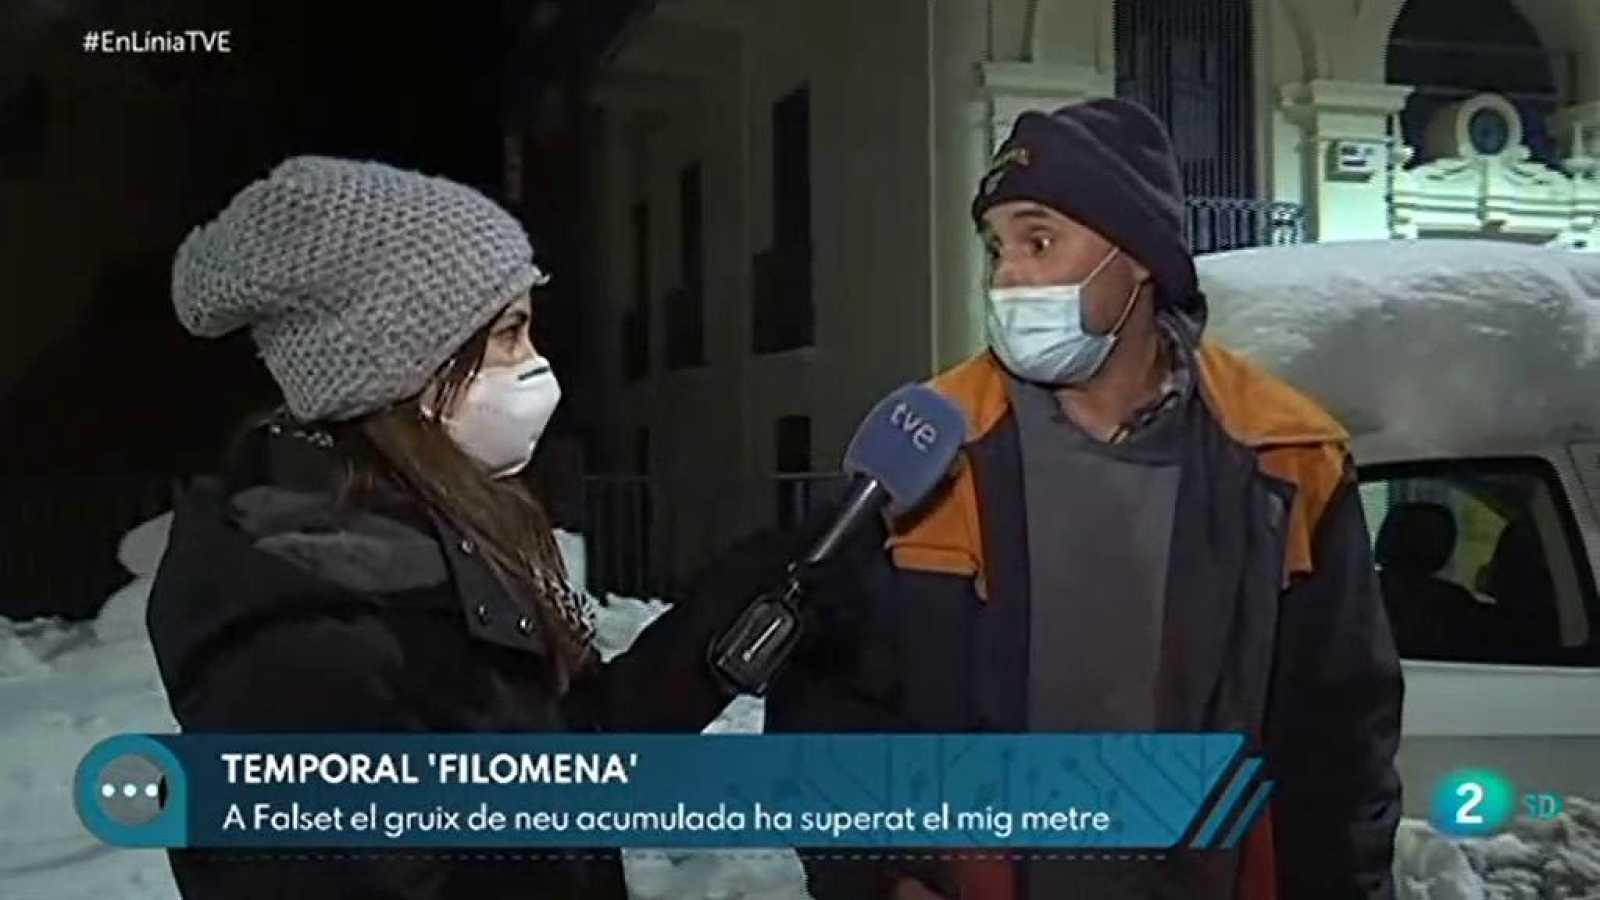 A En Línia parlem de les conseqüències del temporal Filomena a Catalunya